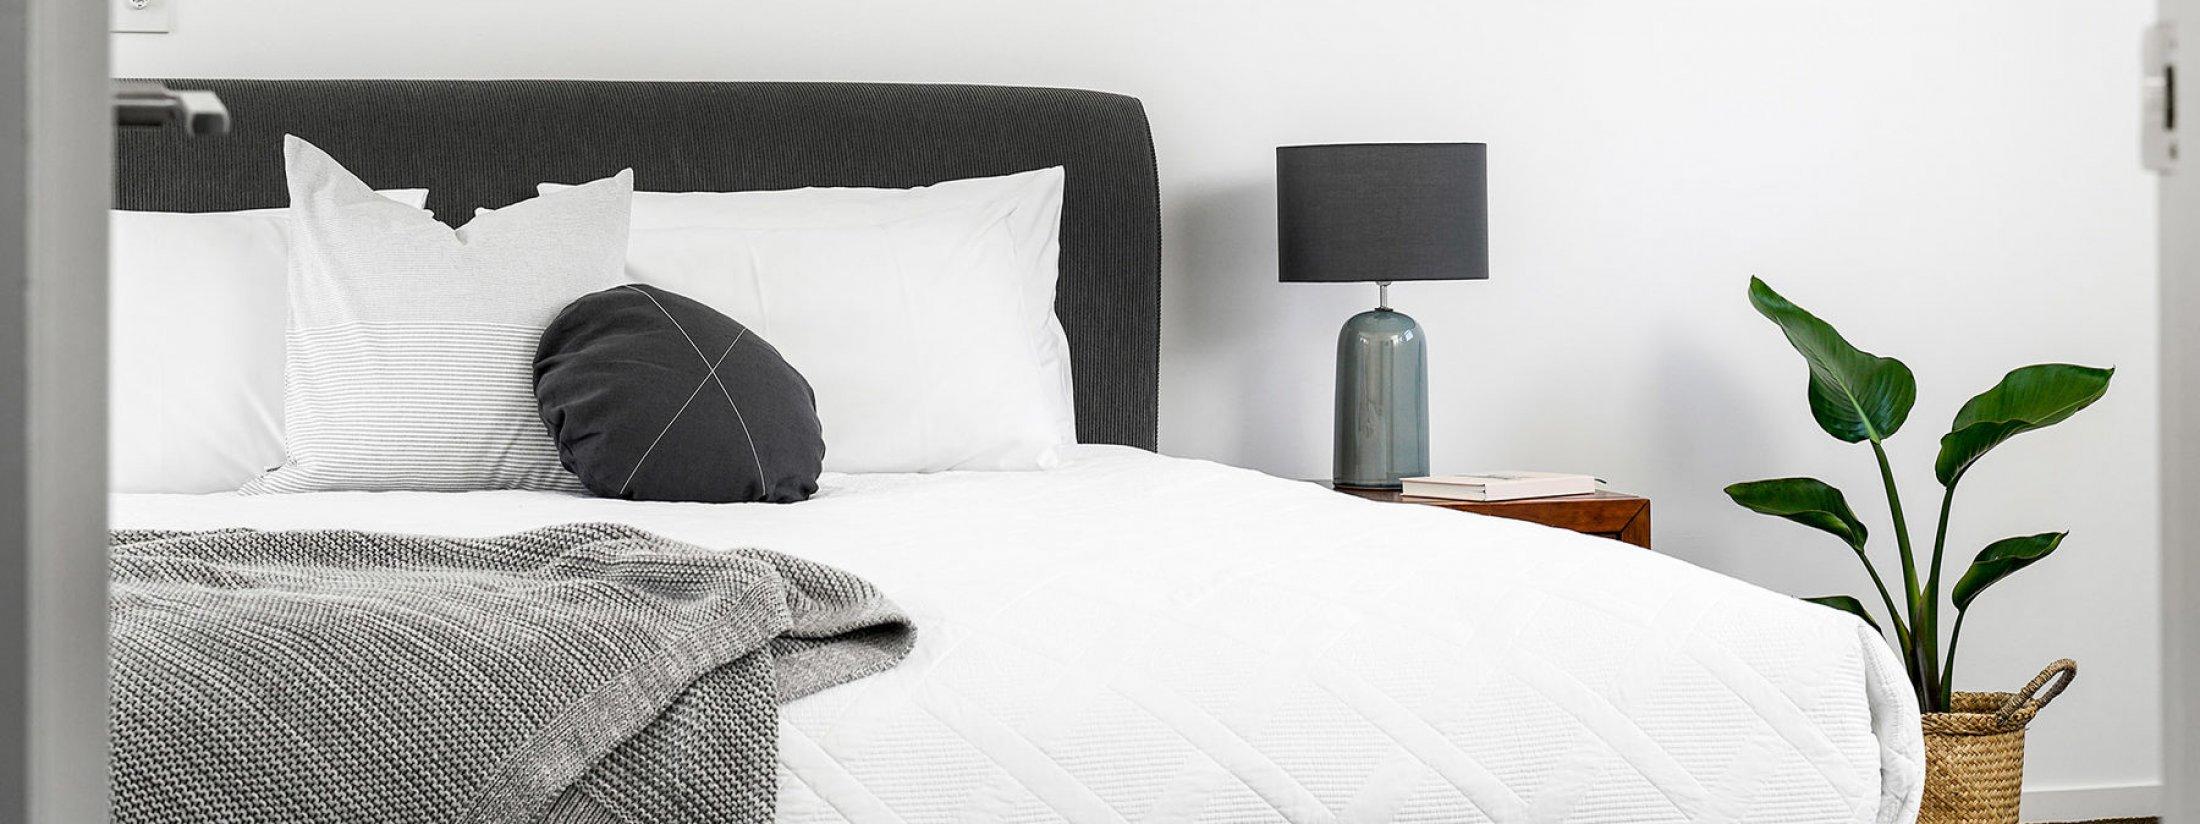 Clique 2 - Byron Bay - Bedroom Master c